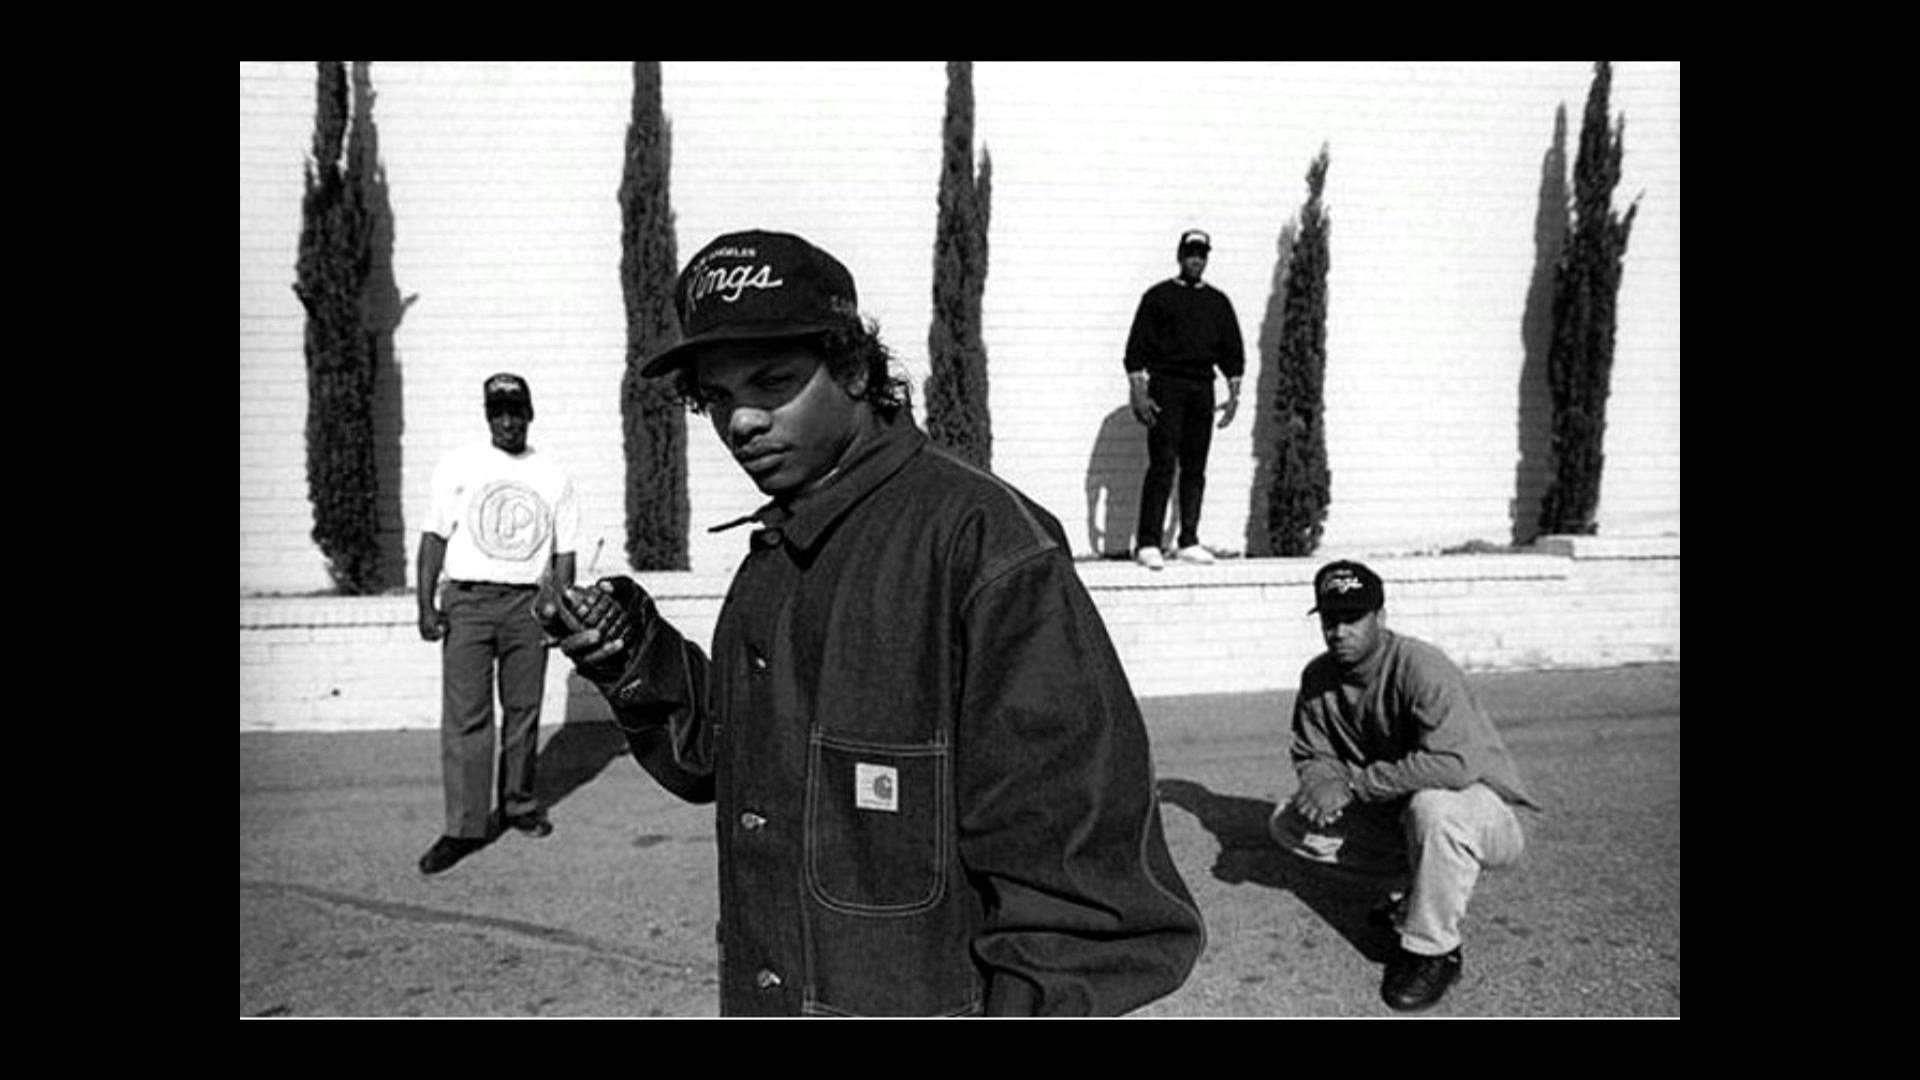 Eazy E nwa gangsta rapper rap hip hop eazy e d wallpaper 1920x1080 1920x1080